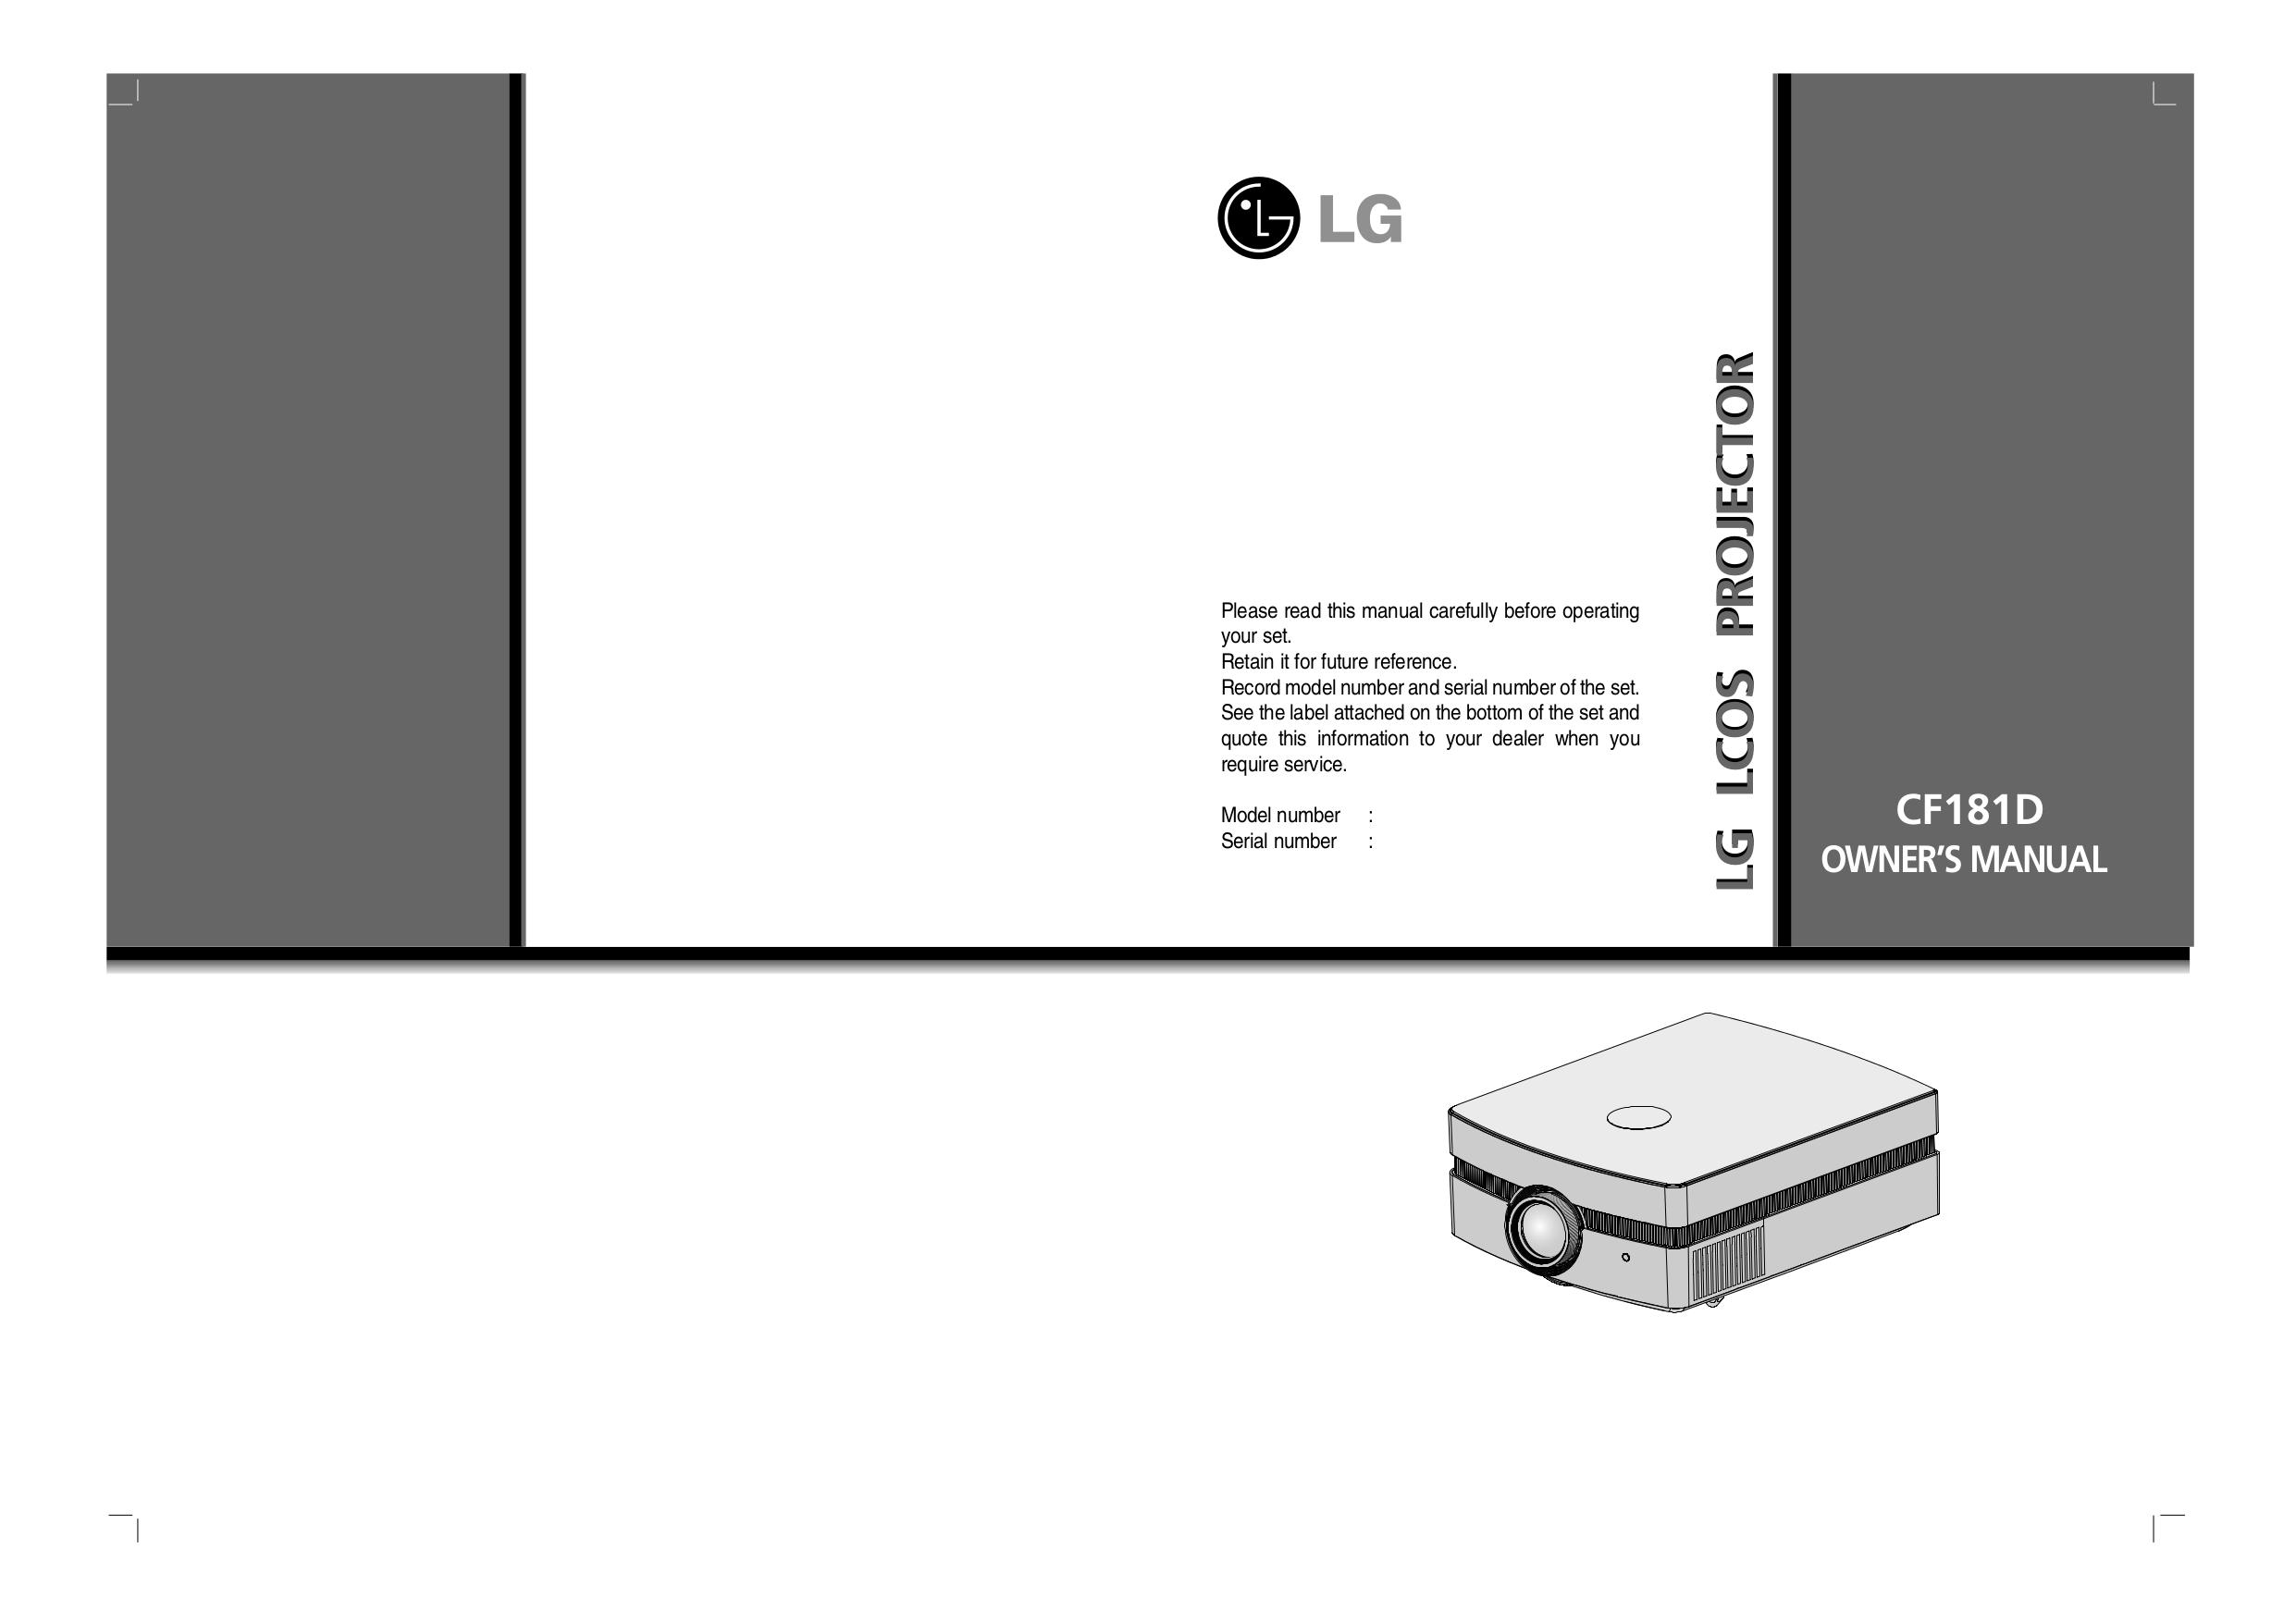 pdf for LG Projector CF181D manual